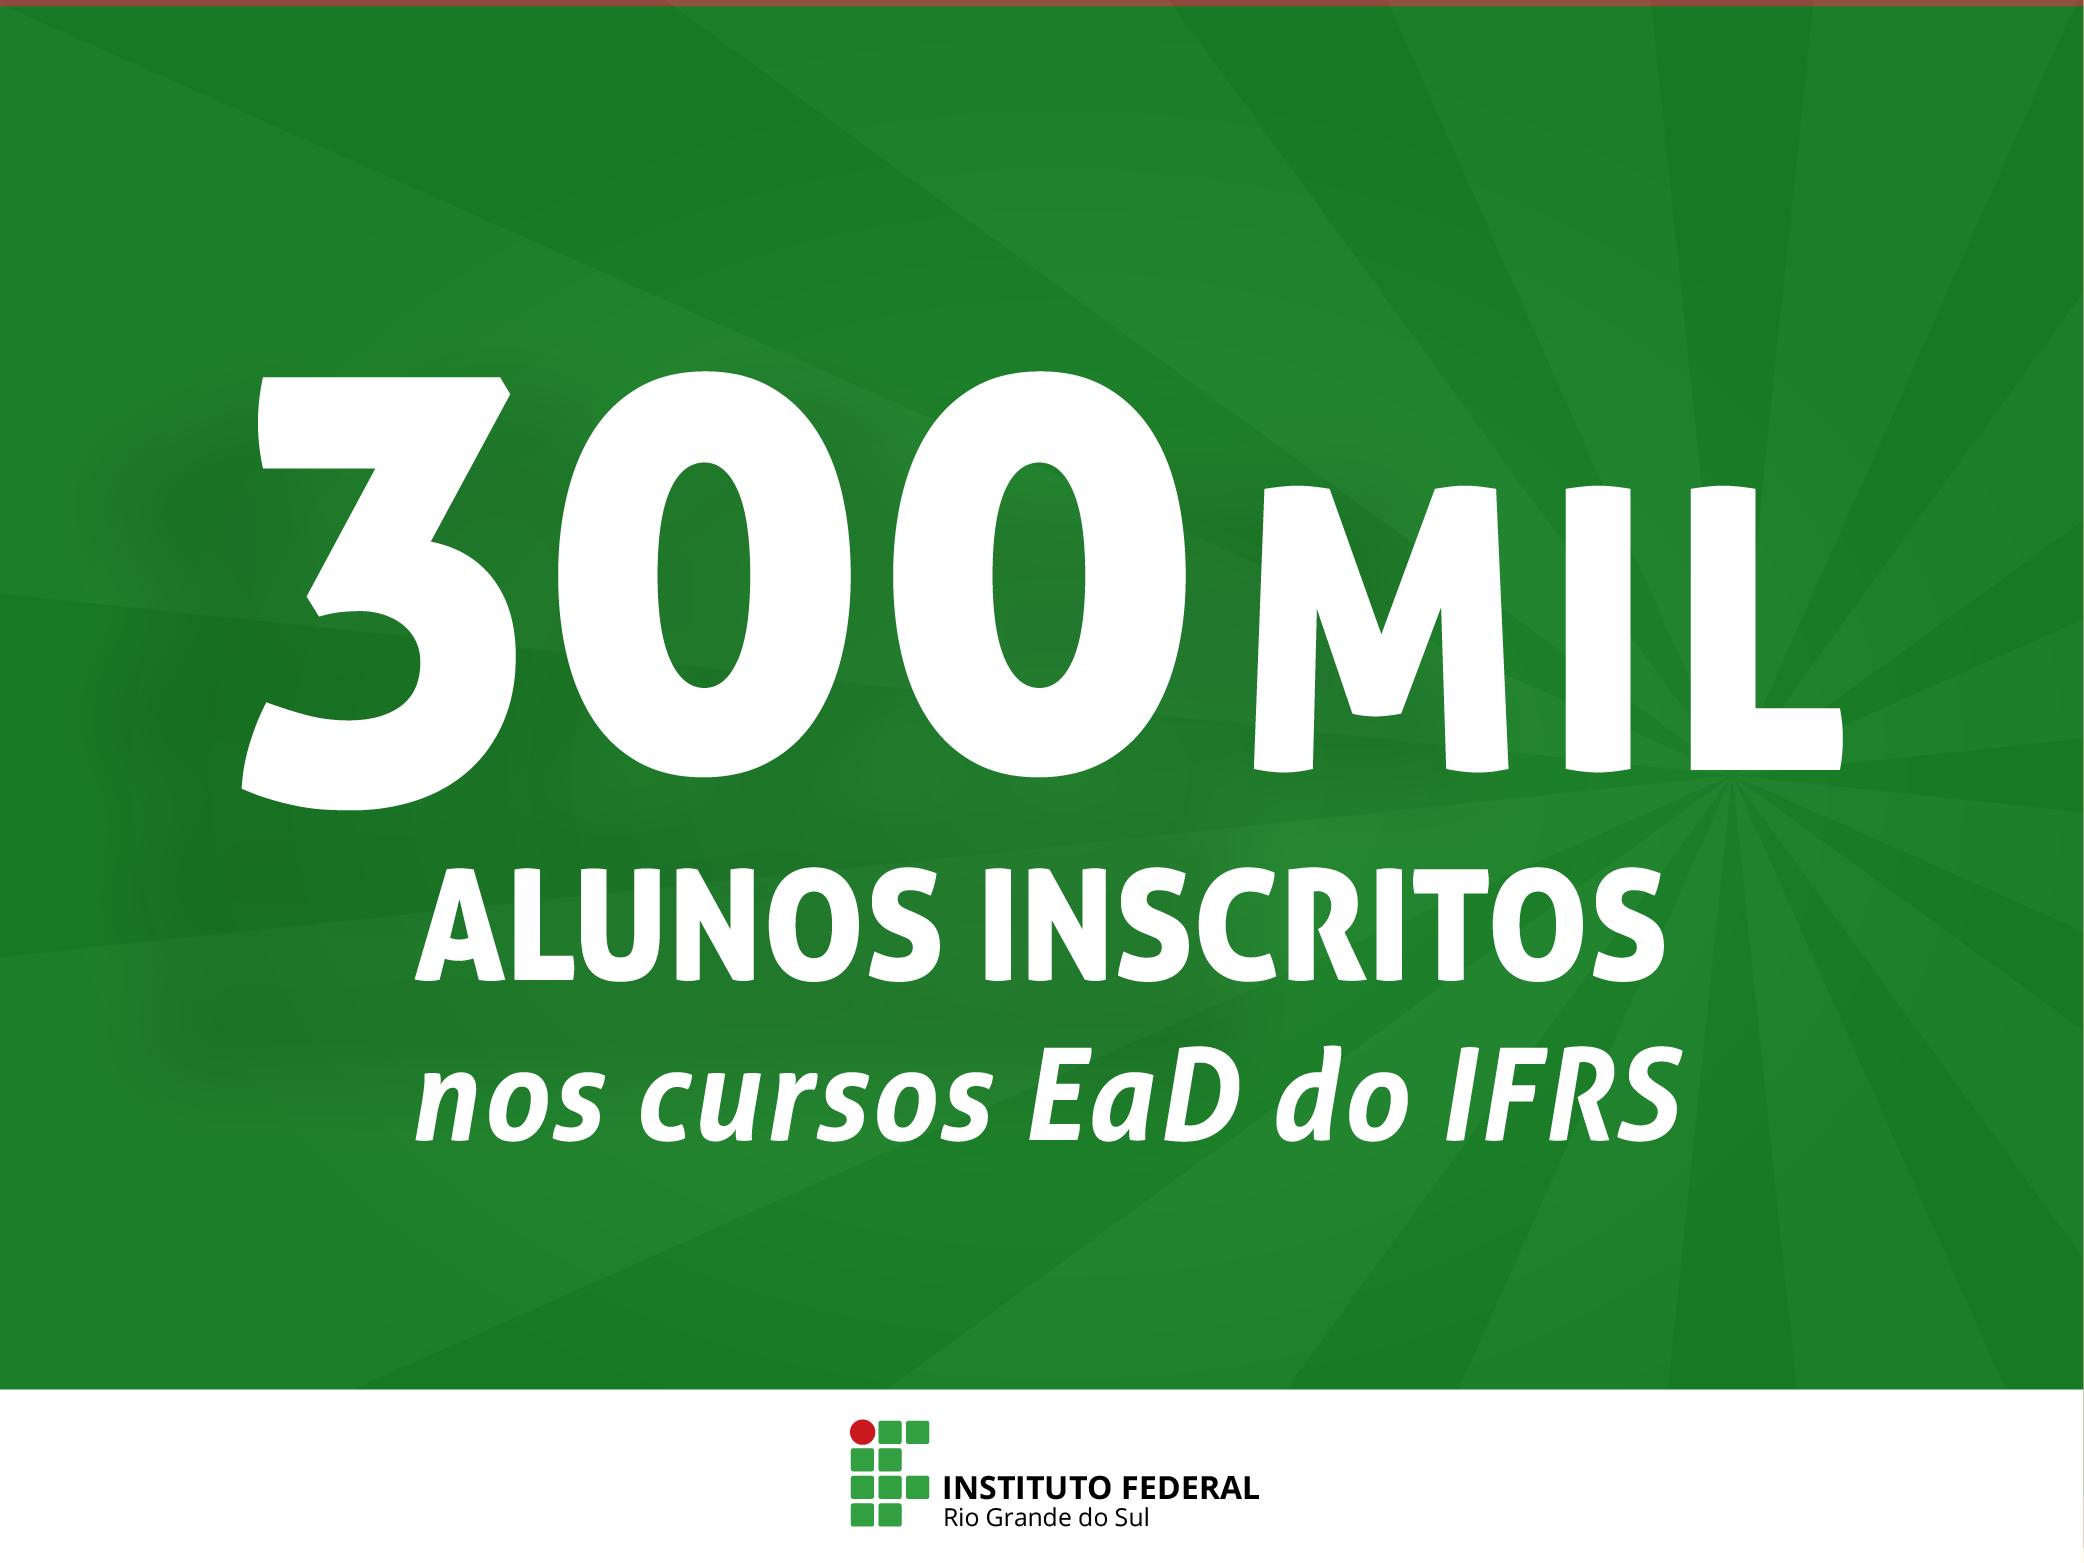 IFRS chega a 300 mil estudantes nos cursos a distância